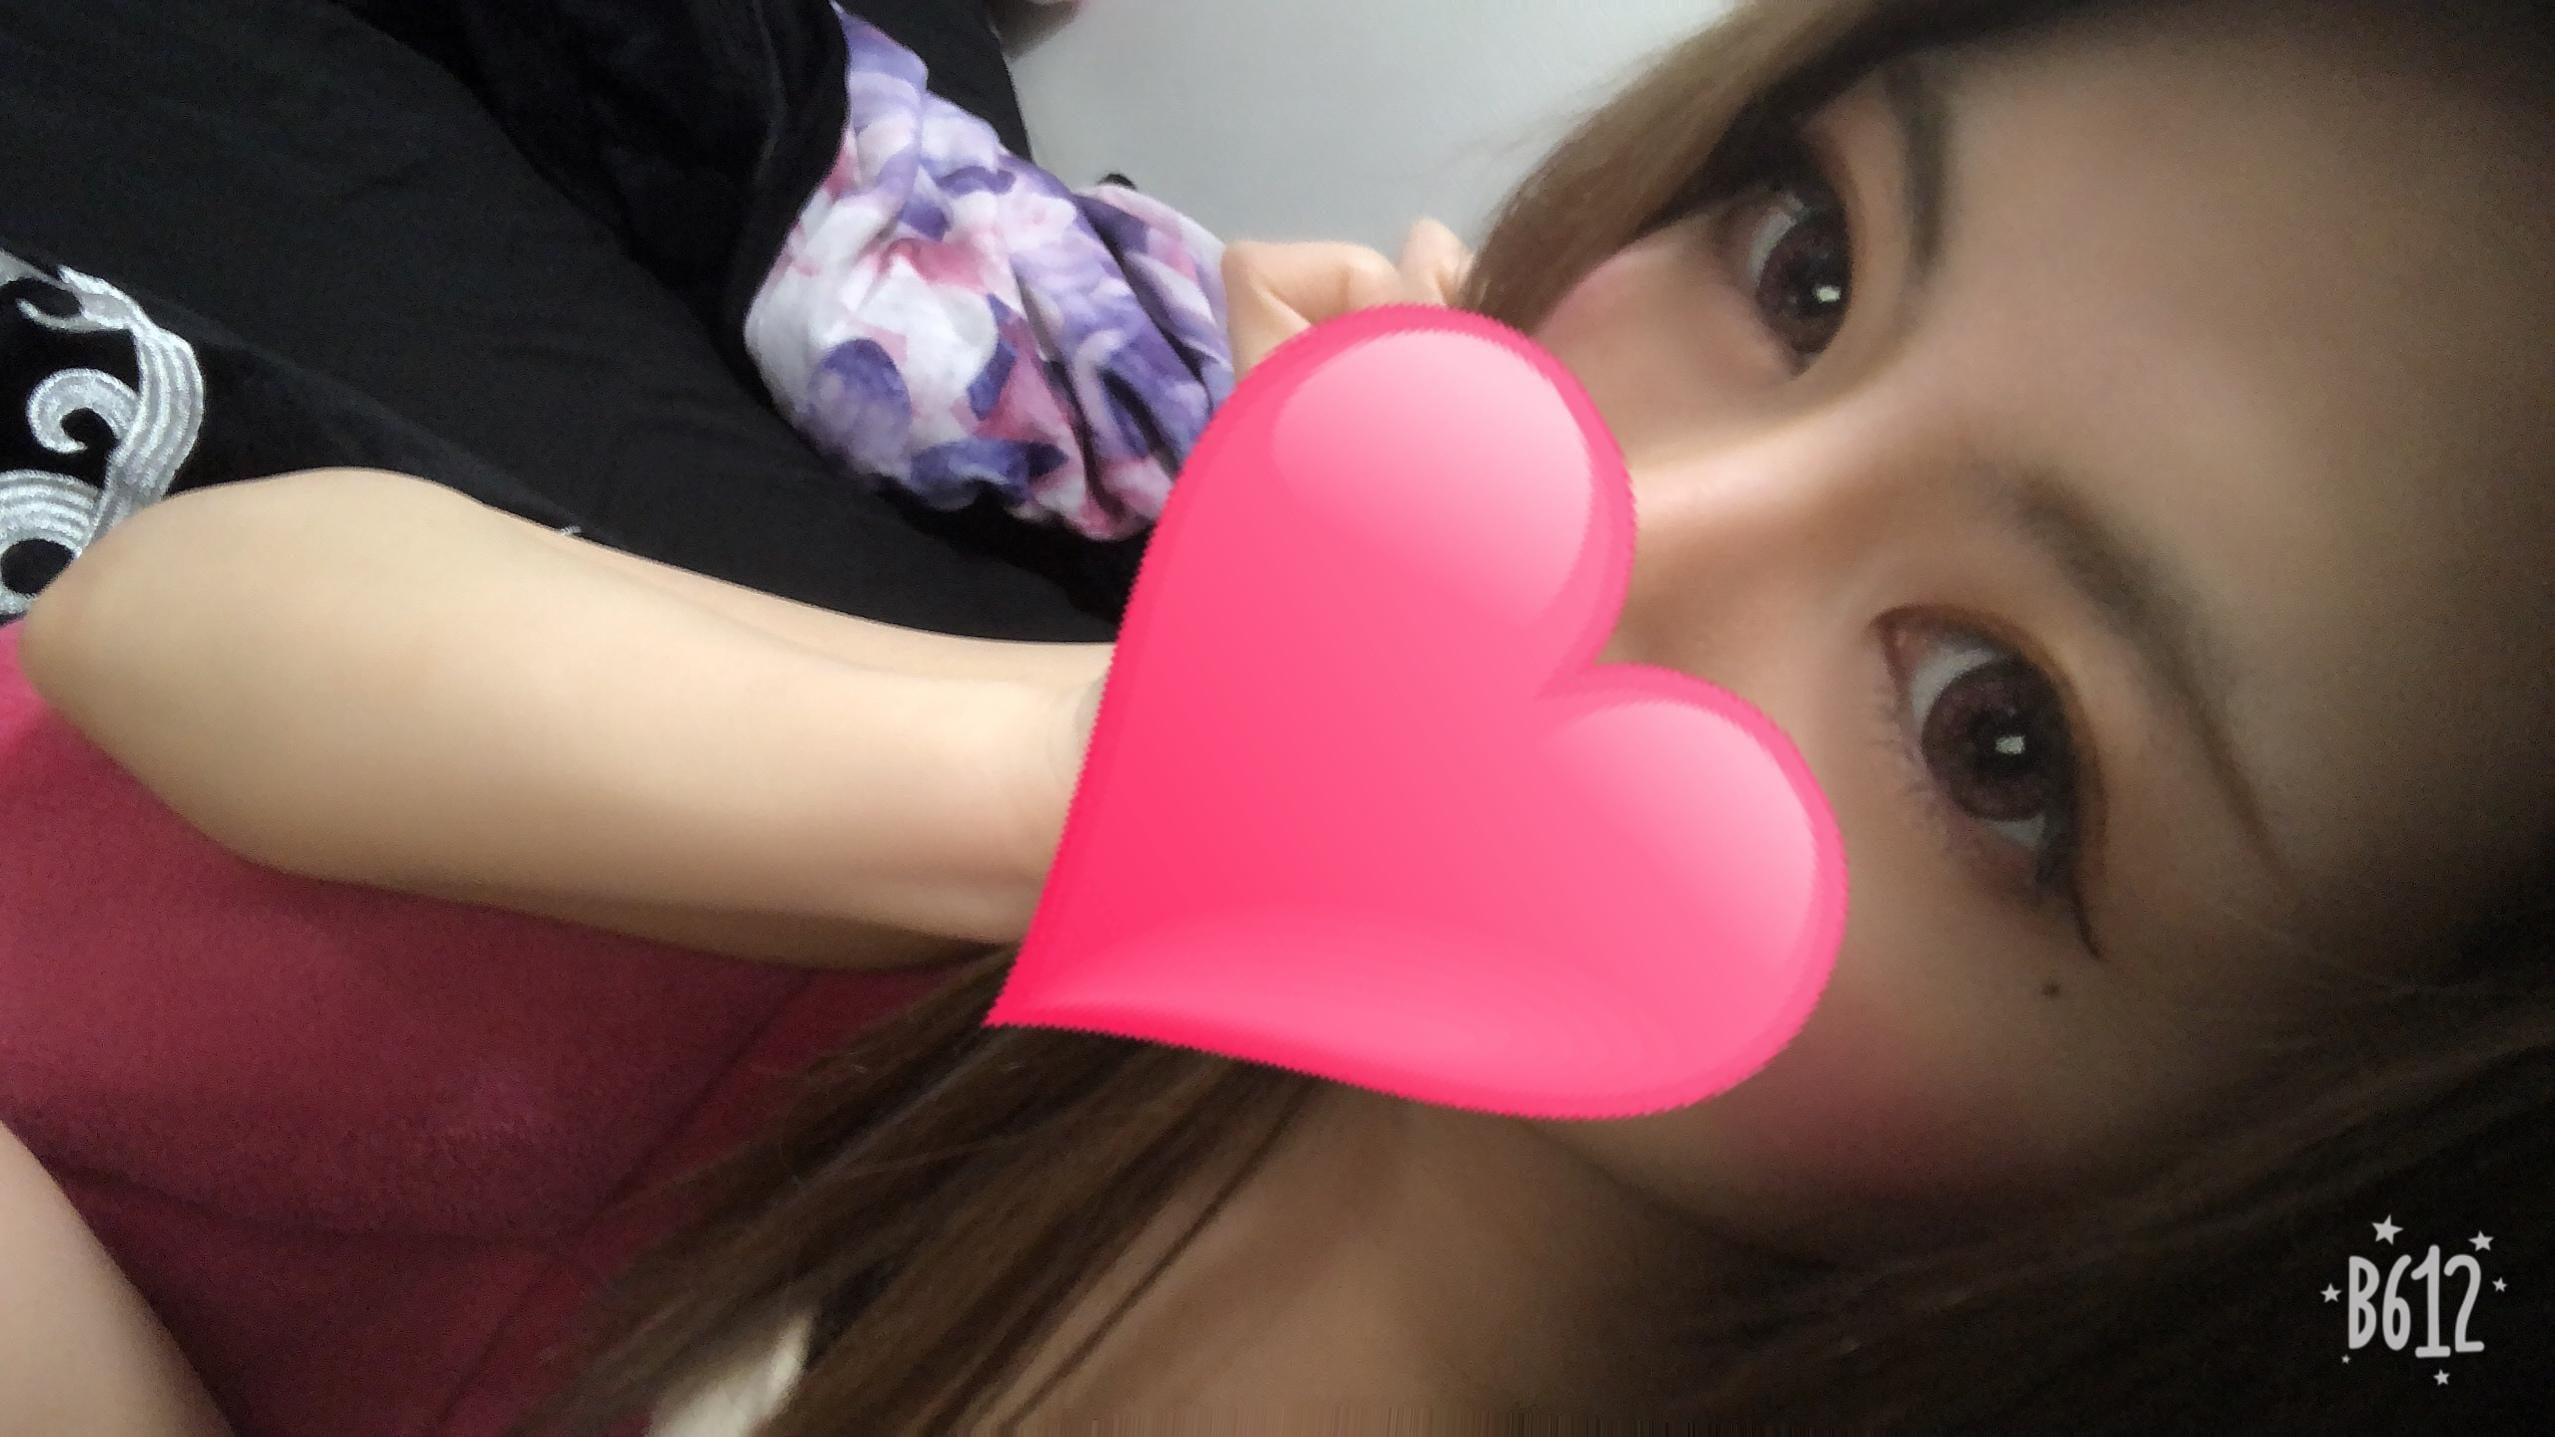 「おつかれさまです✩.*˚」04/23(火) 04:07 | りいなの写メ・風俗動画